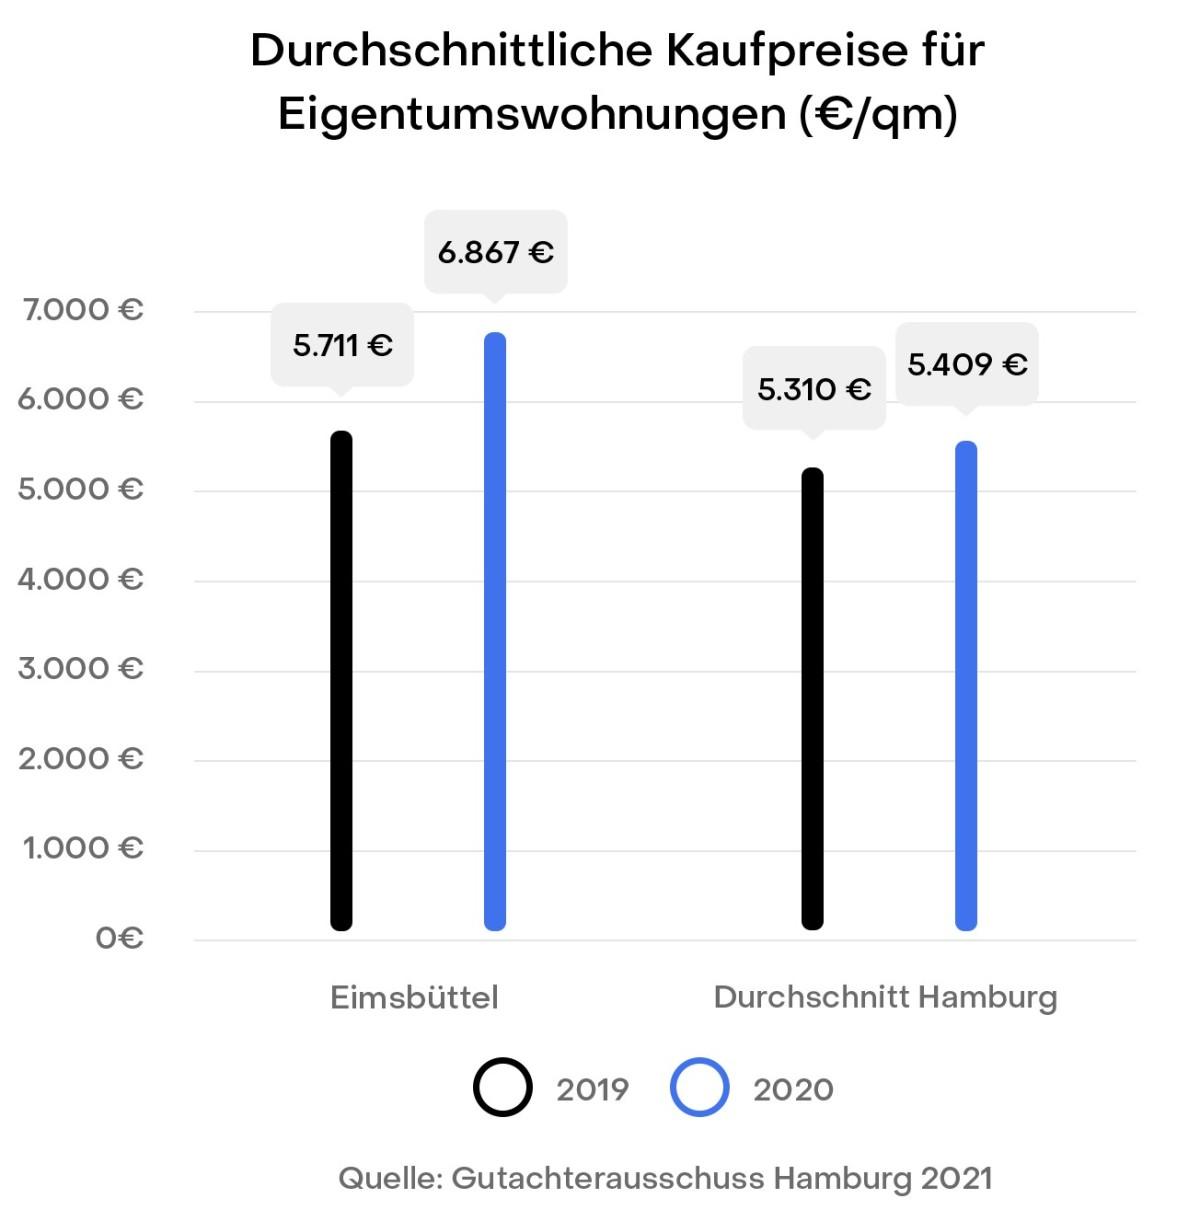 Hamburg Eimsbüttel Preisentwicklung Immobilien Kaufpreise Gutachterausschuss